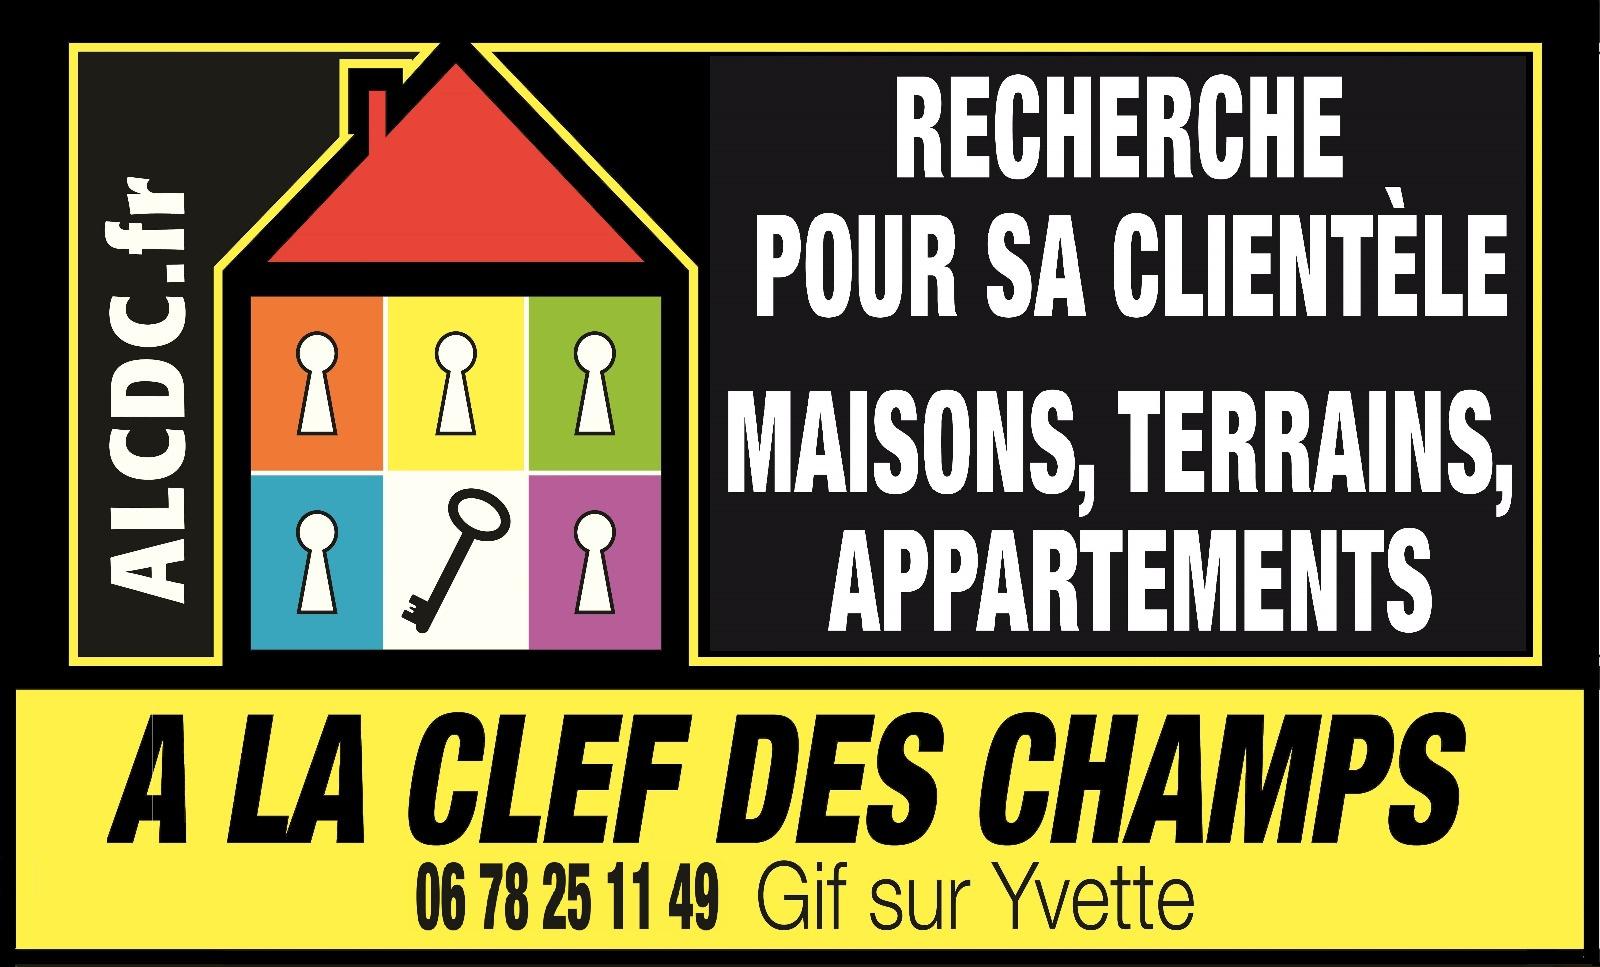 GIF SUR YVETTE MAISON 6 PC A VENDRE